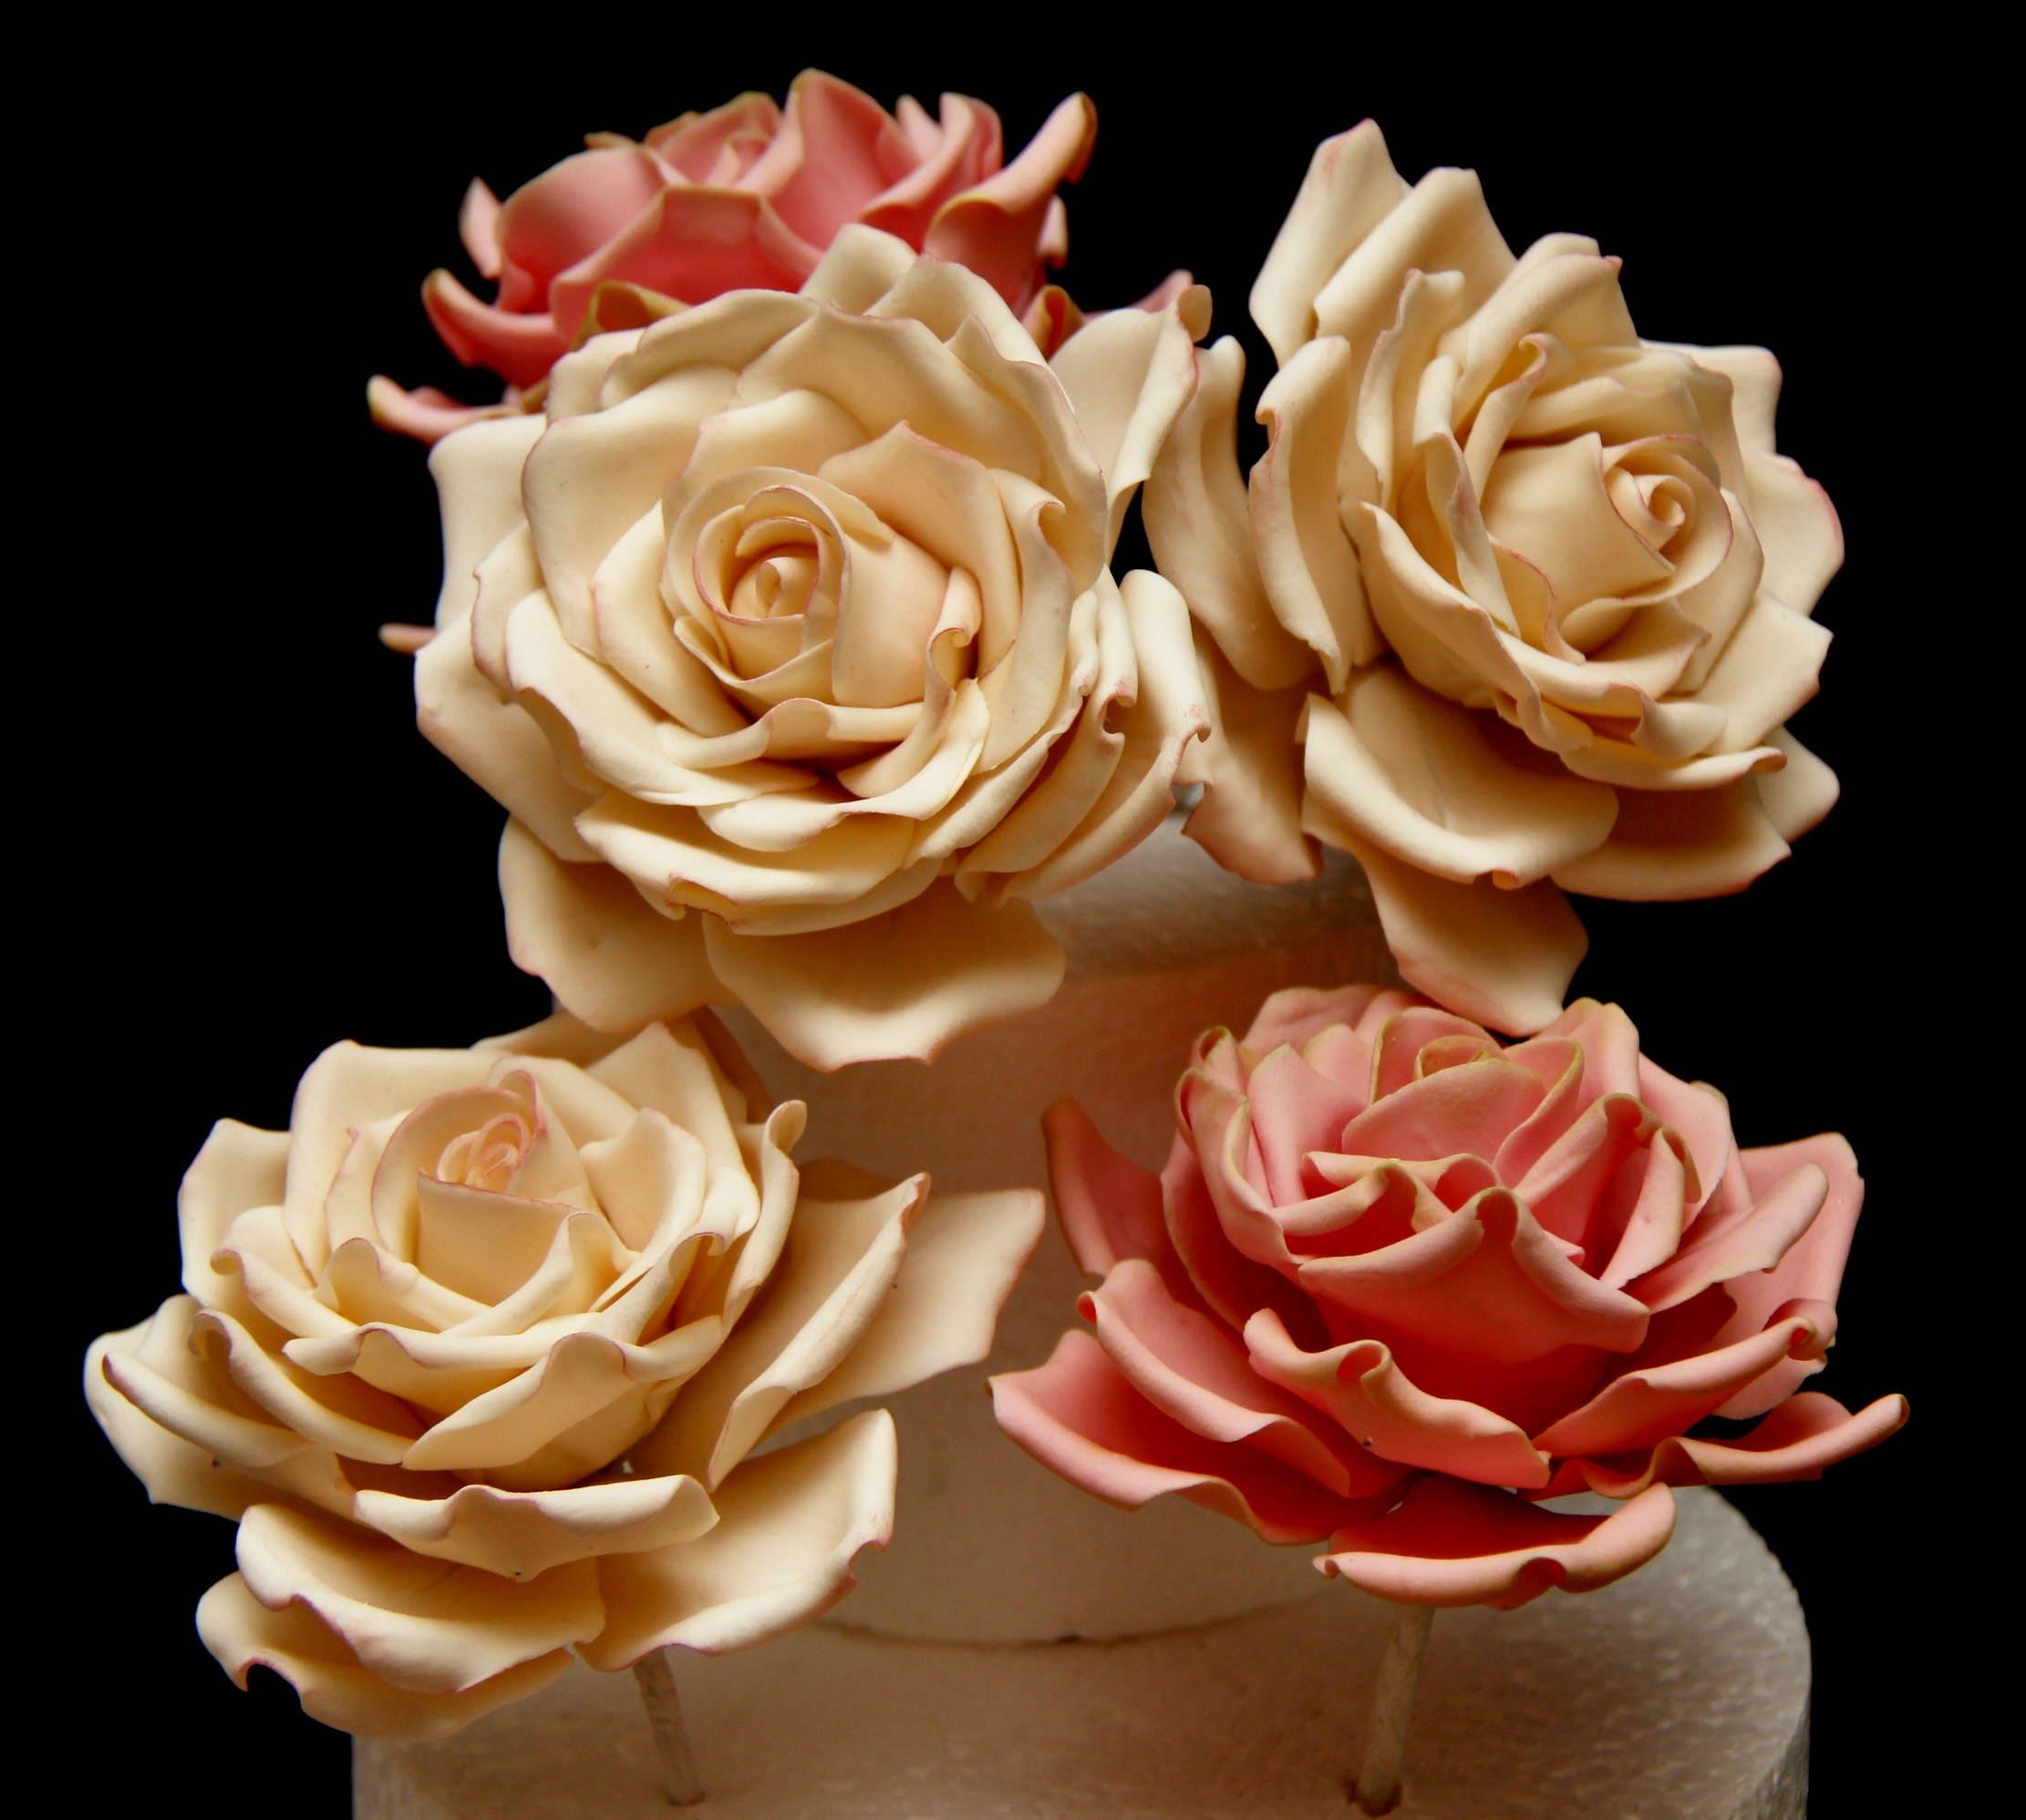 Large Gumpaste Rose For Cake Decorations Filler Flowers Fondant